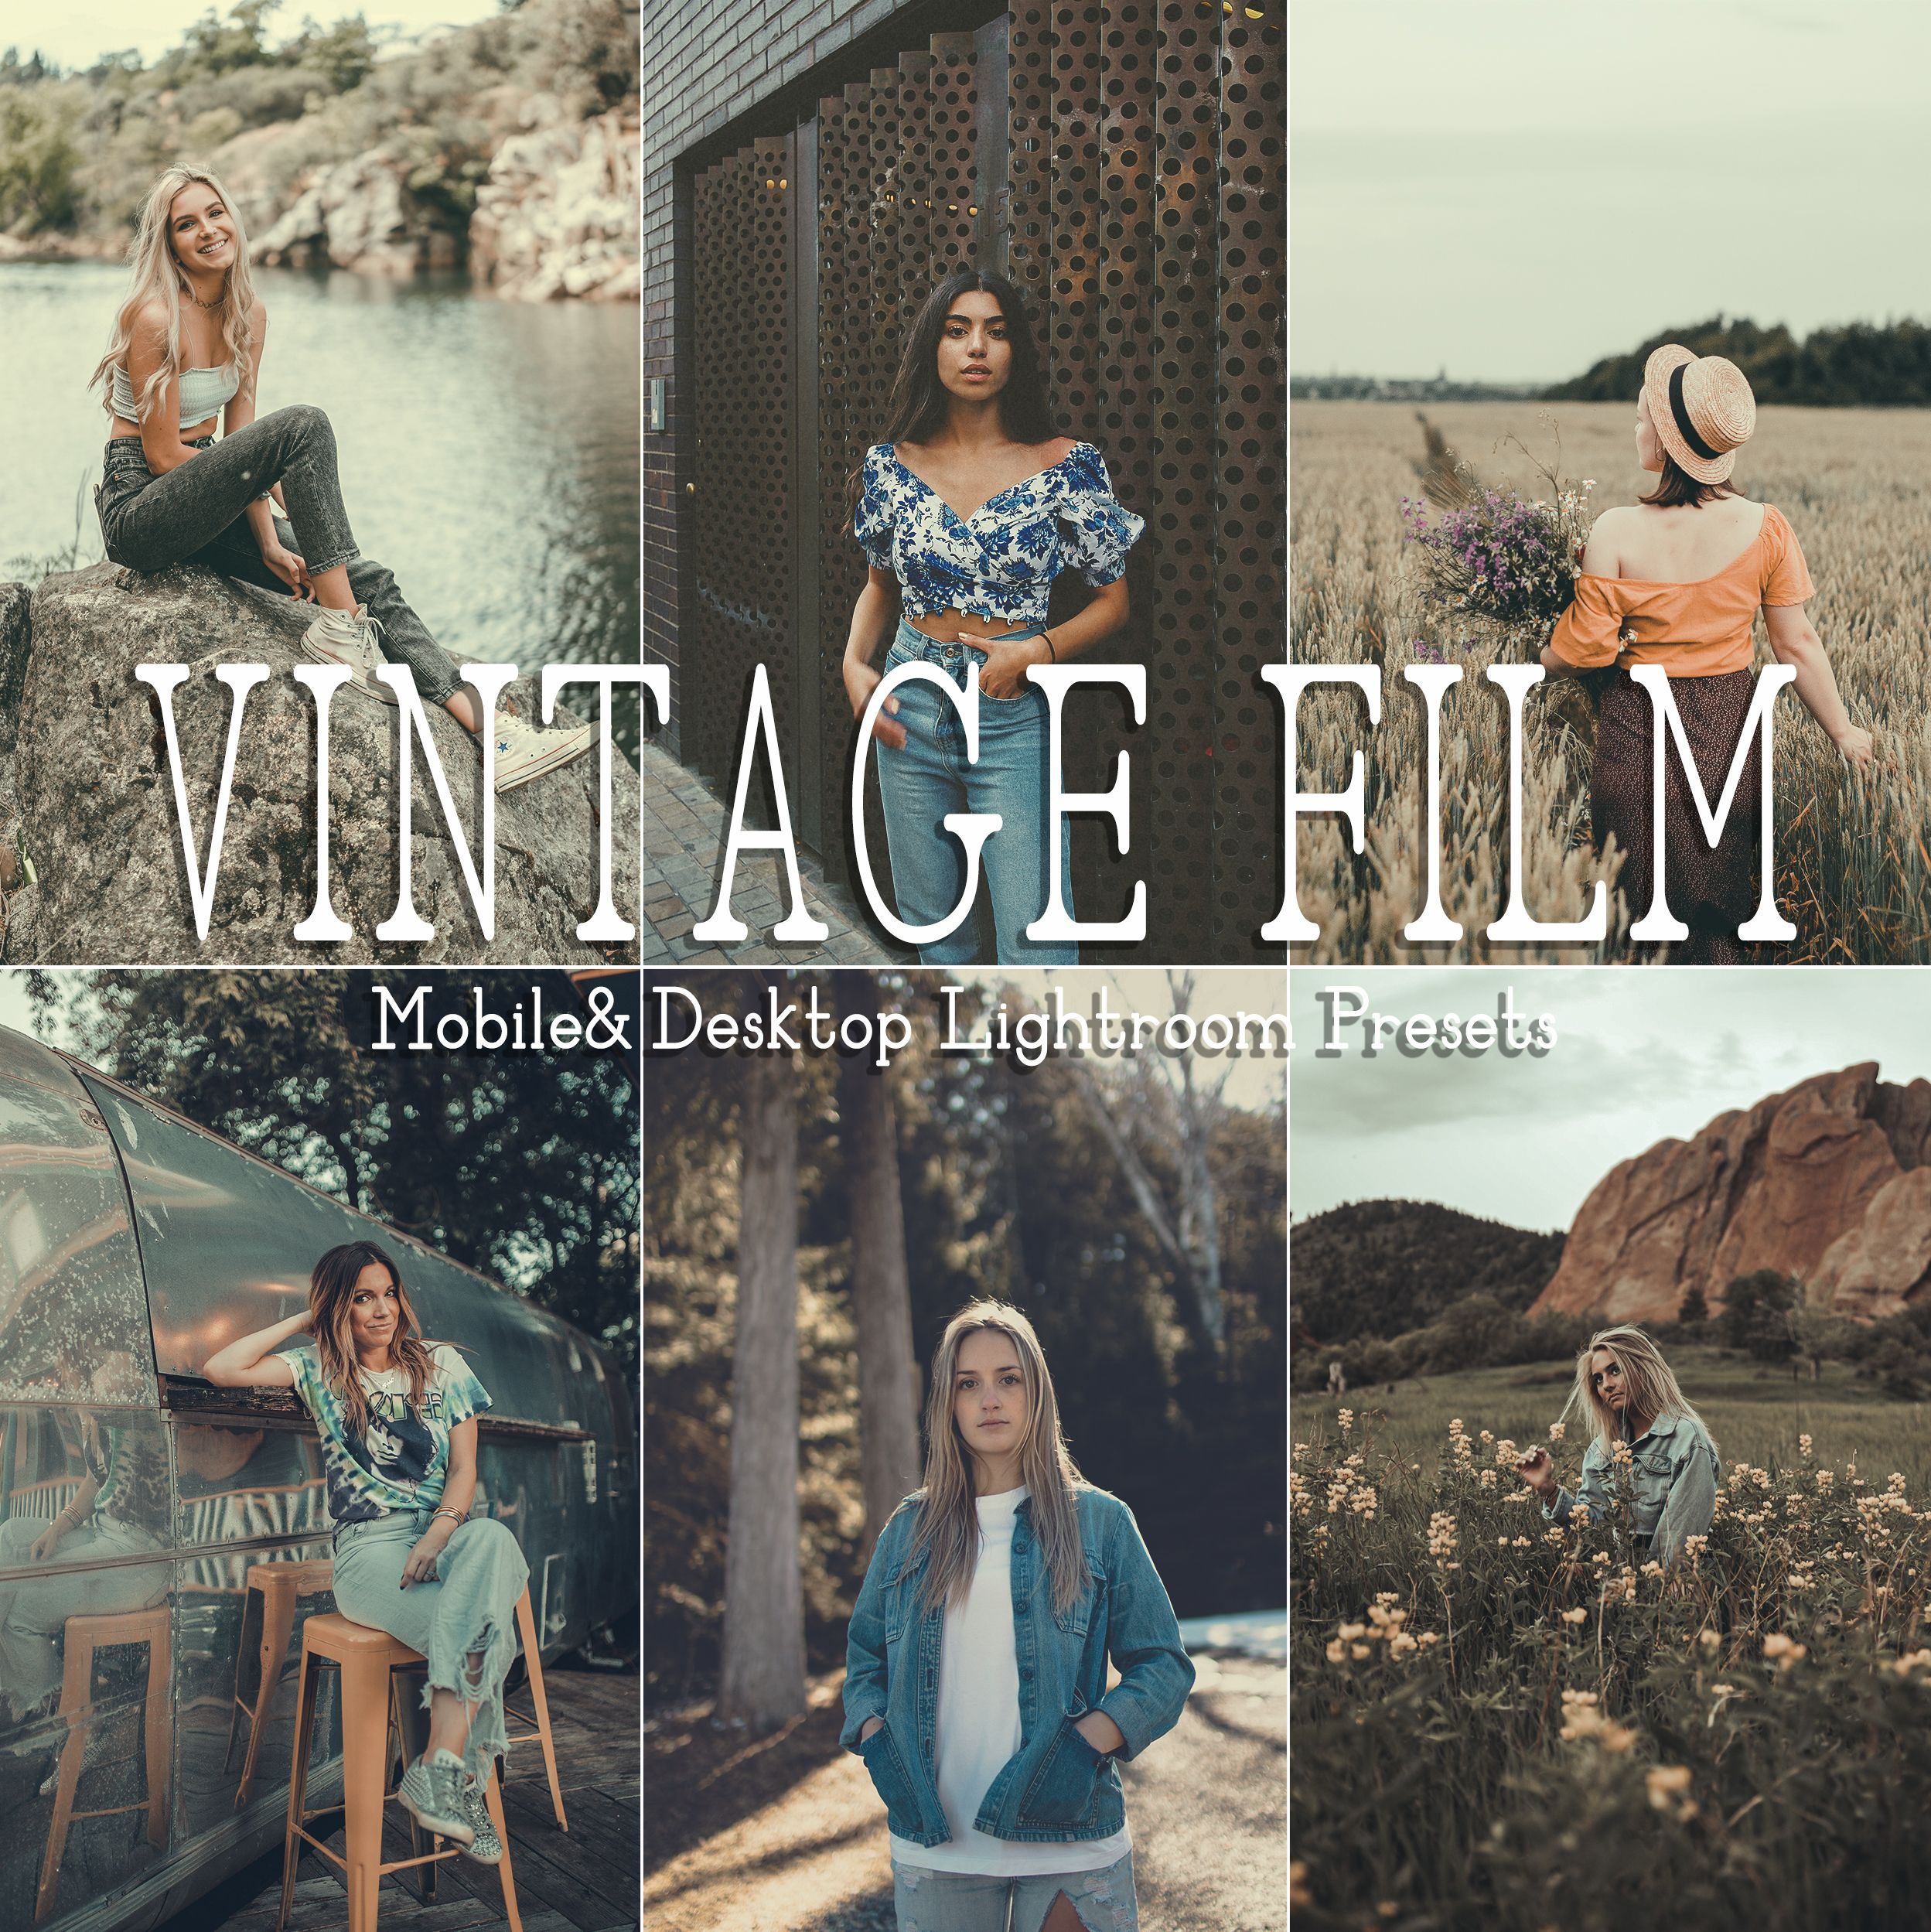 10 Vintage Film Mobile Desktop Lightroom Presets Filtergrade In 2020 Vintage Film Film Presets Lightroom Film Presets